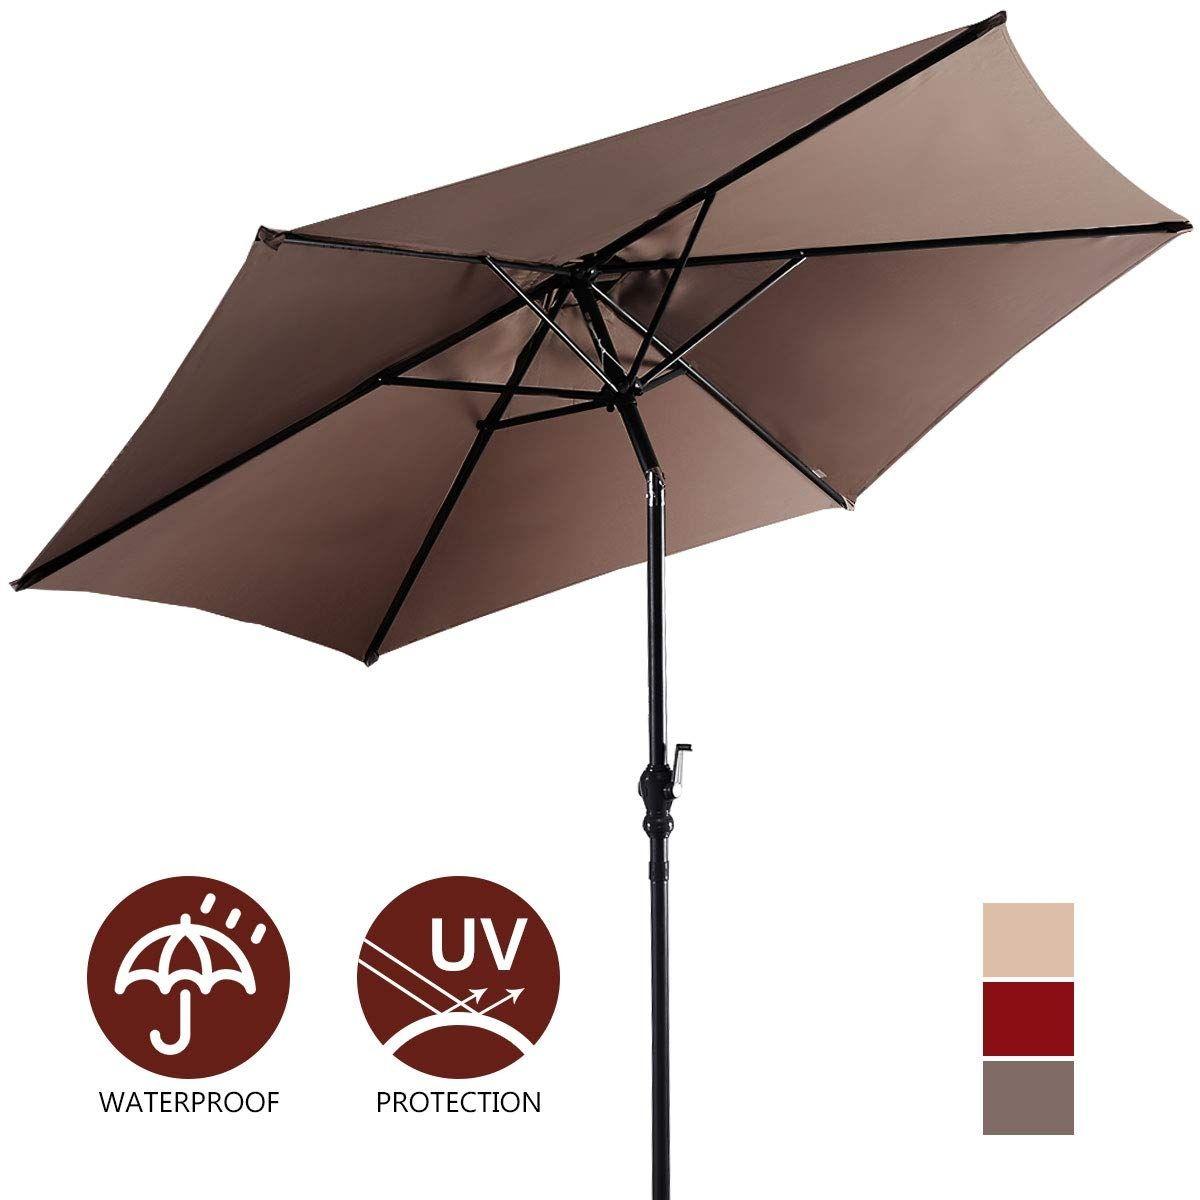 9 patio umbrella 8 rib yard garden sun